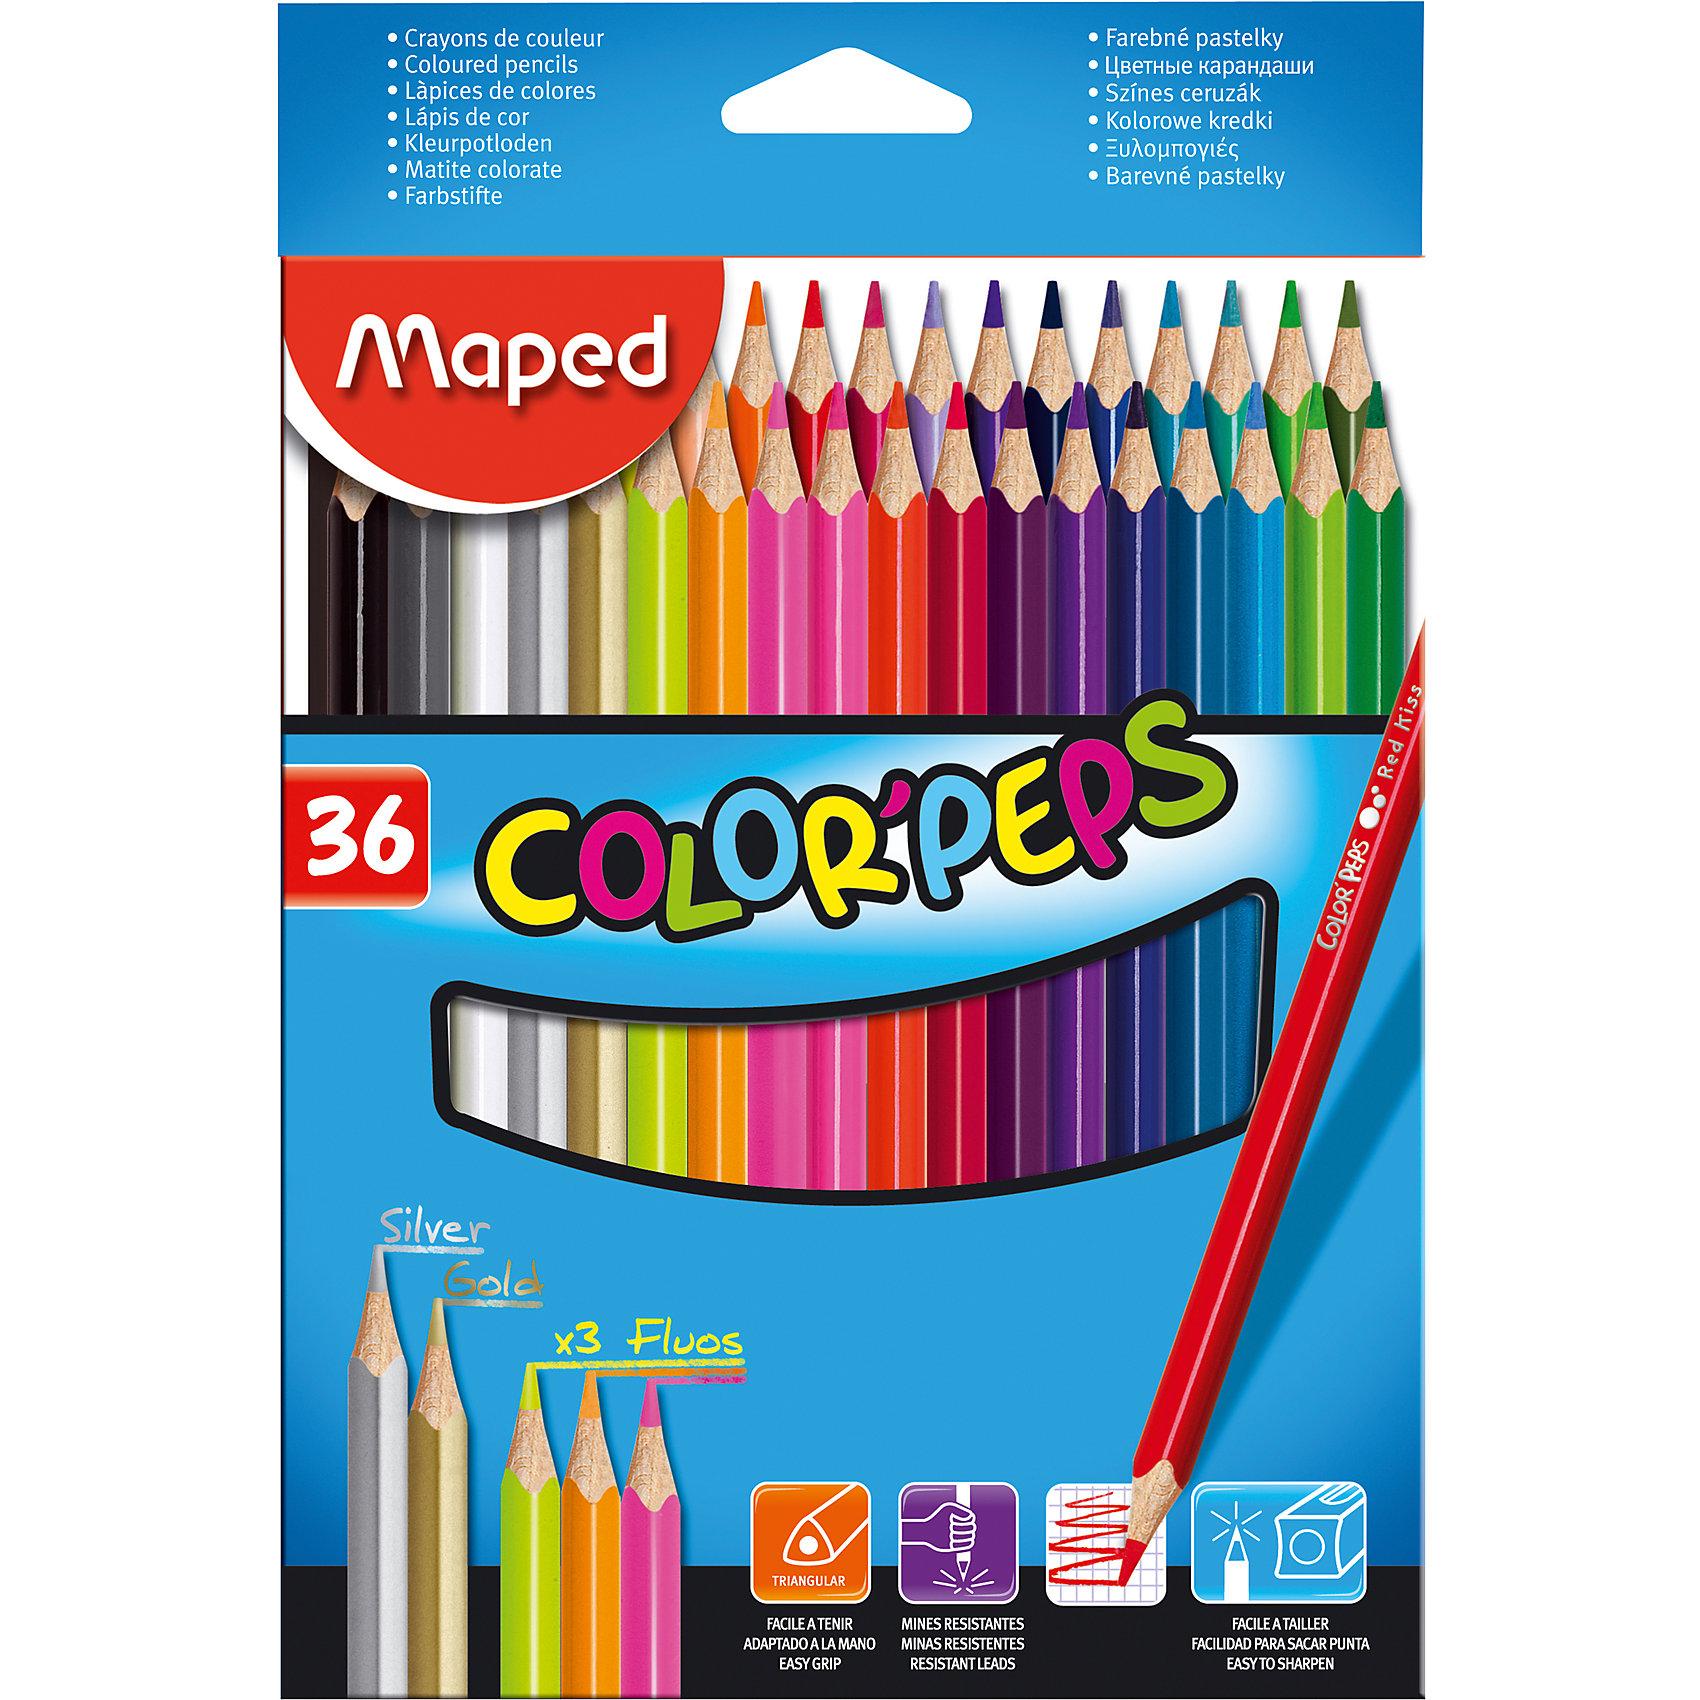 Набор цветных карандашей COLORPEPS, 36 цв.Набор цветных карандашей COLORPEPS, 36 цв. от марки Maped<br><br>Эти карандаши созданы компанией Maped для комфортного и легкого рисования. Легко затачиваются, при этом грифель очень устойчив к поломкам. Цвета яркие, линия мягкая и однородная.<br>Грифель - из высококачественного материала. В наборе - 36 карандашей разных цветов. Они отлично лежат в руке благодаря удобной форме и качественному покрытию. Действительно удобный инструмент для рисования. Созданы для ярких картин! Безопасны для детей.<br><br>Особенности данной модели:<br><br>материал корпуса: дерево;<br>комплектация: 36 шт;<br>упаковка: металлический пенал.<br><br>Набор цветных карандашей COLORPEPS, 36 цв. от марки Maped можно купить в нашем магазине.<br><br>Ширина мм: 146<br>Глубина мм: 215<br>Высота мм: 18<br>Вес г: 232<br>Возраст от месяцев: 36<br>Возраст до месяцев: 2147483647<br>Пол: Унисекс<br>Возраст: Детский<br>SKU: 4684744